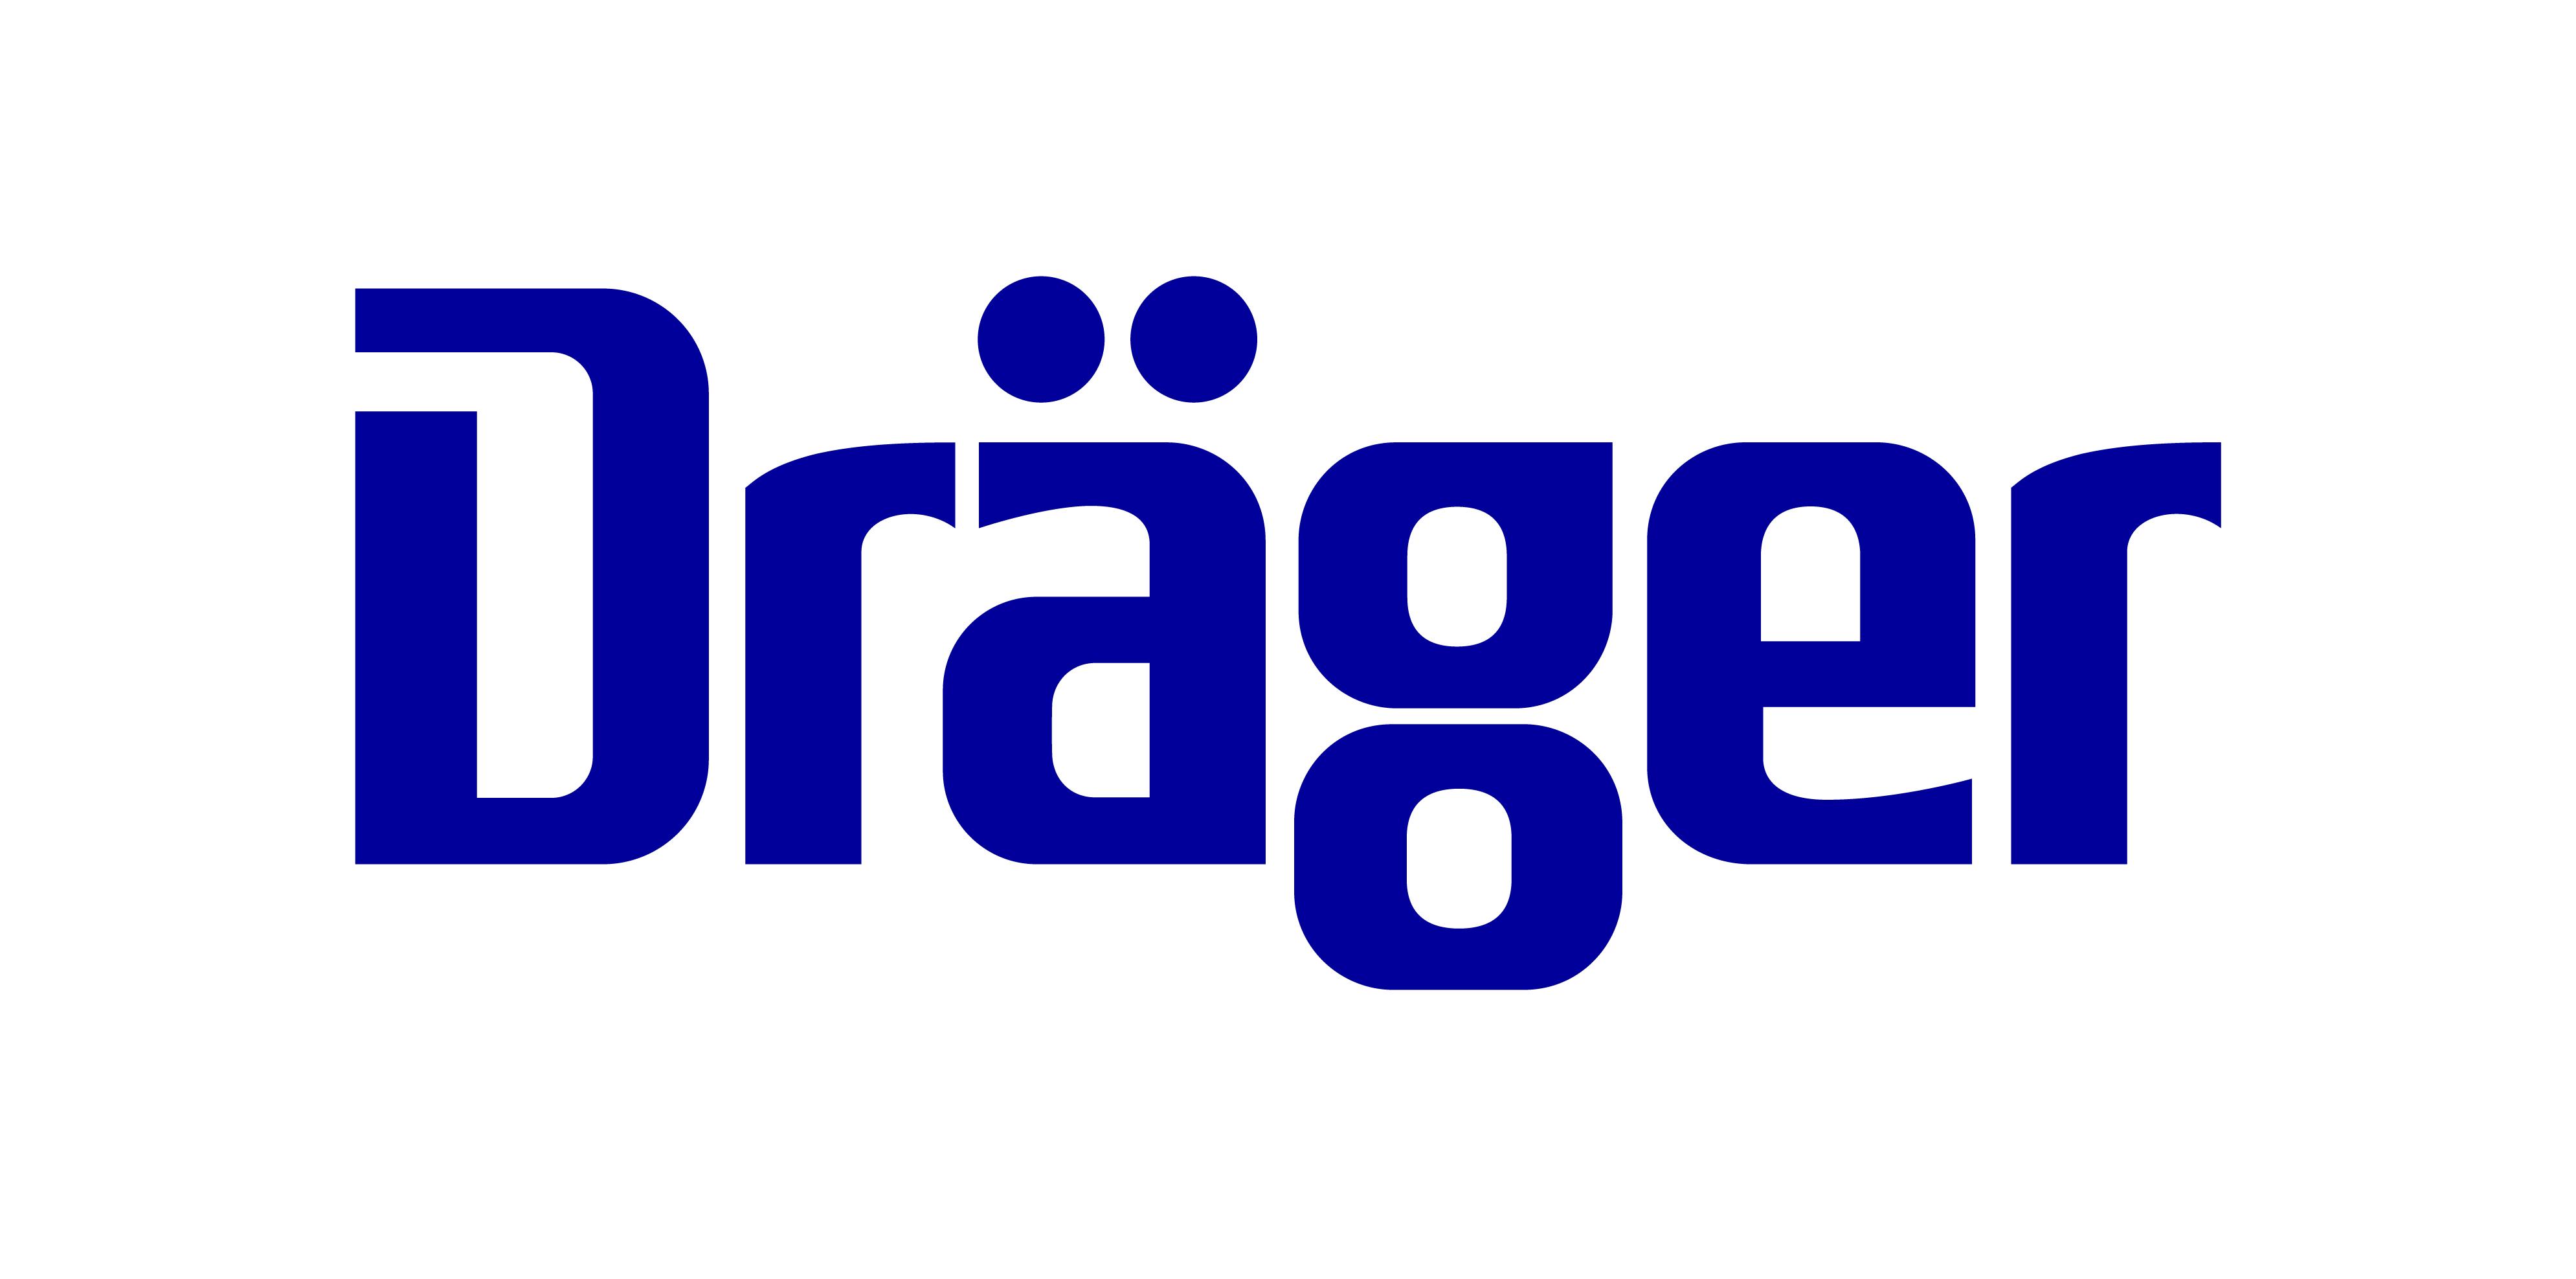 ドレーゲルジャパン株式会社